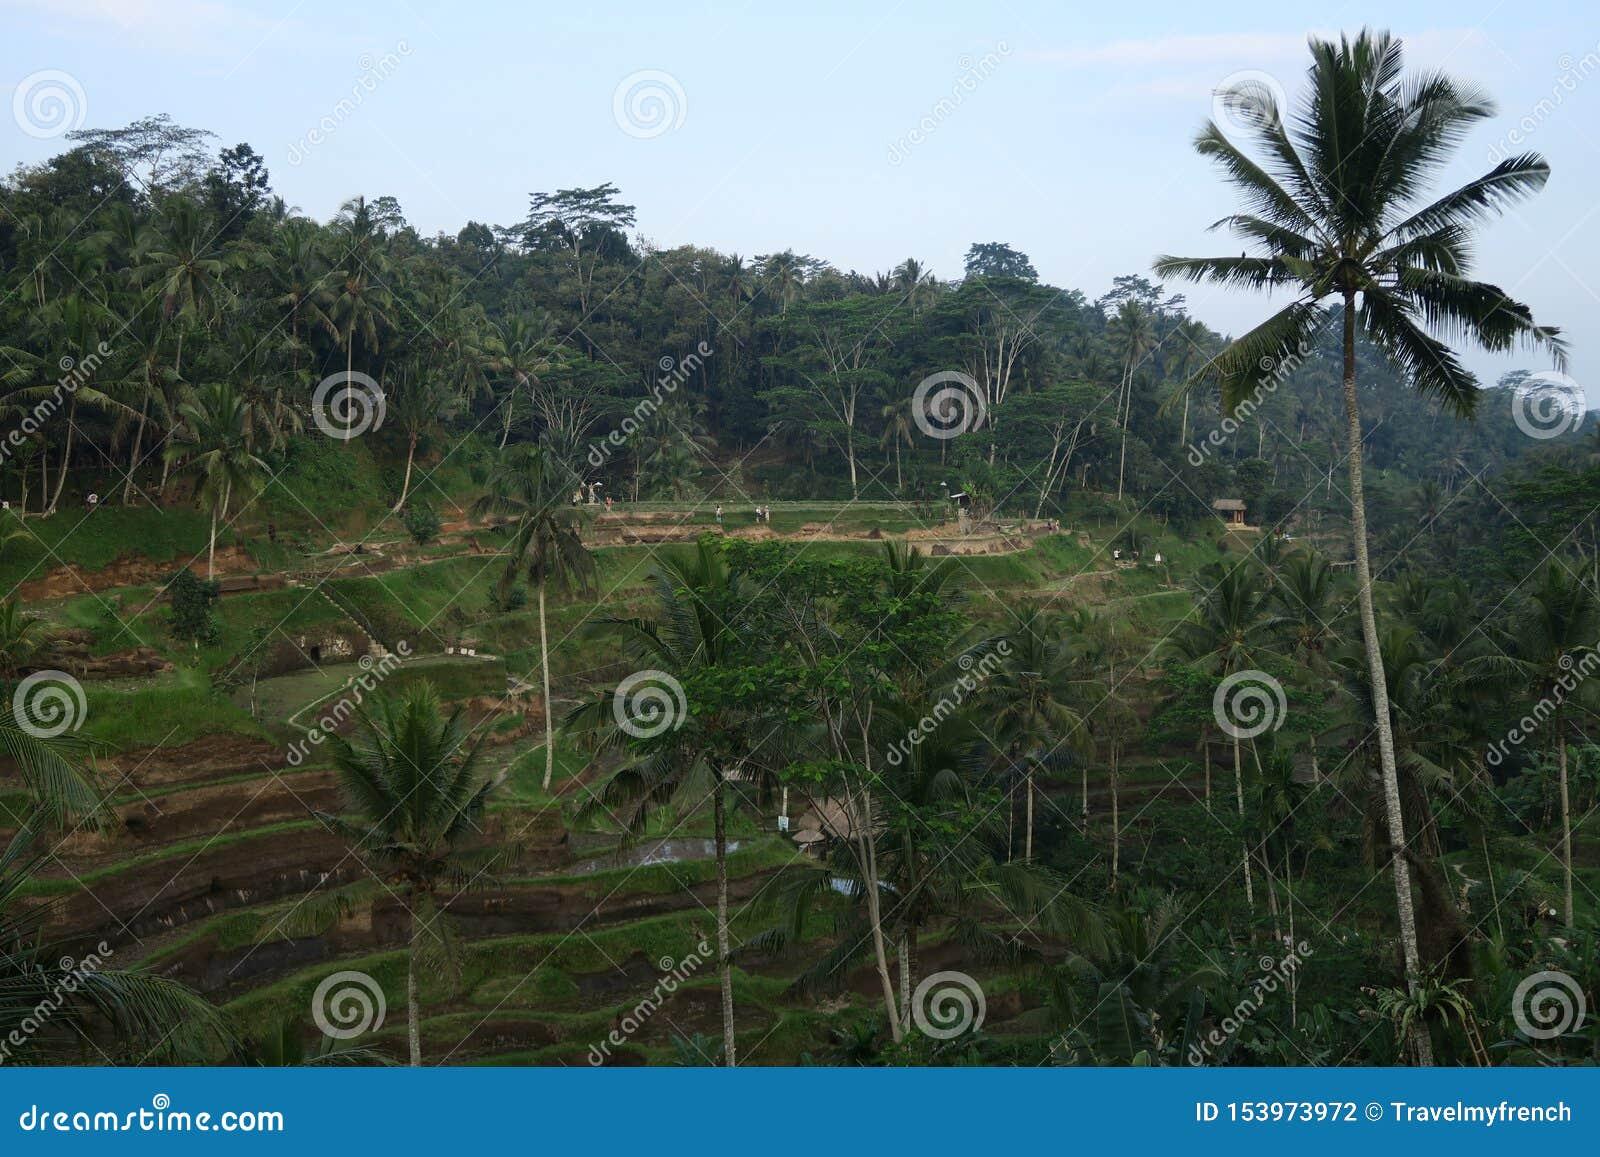 Ris terrasserar ubudtegalalang eller tegallalang med kokospalmen